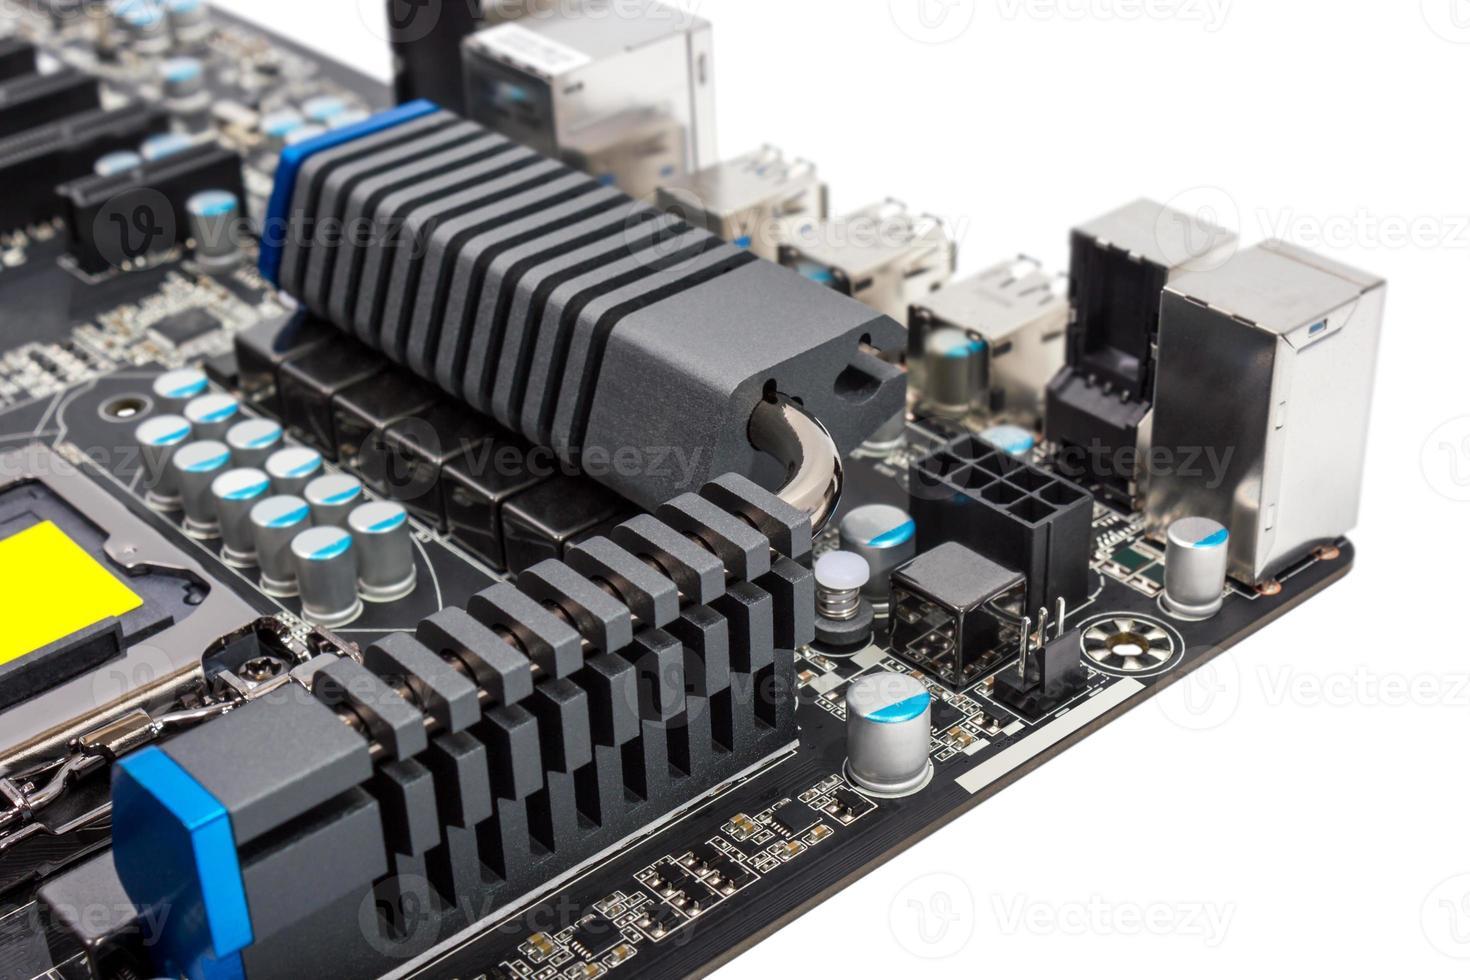 elektronische Sammlung - Mehrphasen-Stromversorgungssystem moderner Prozessor foto